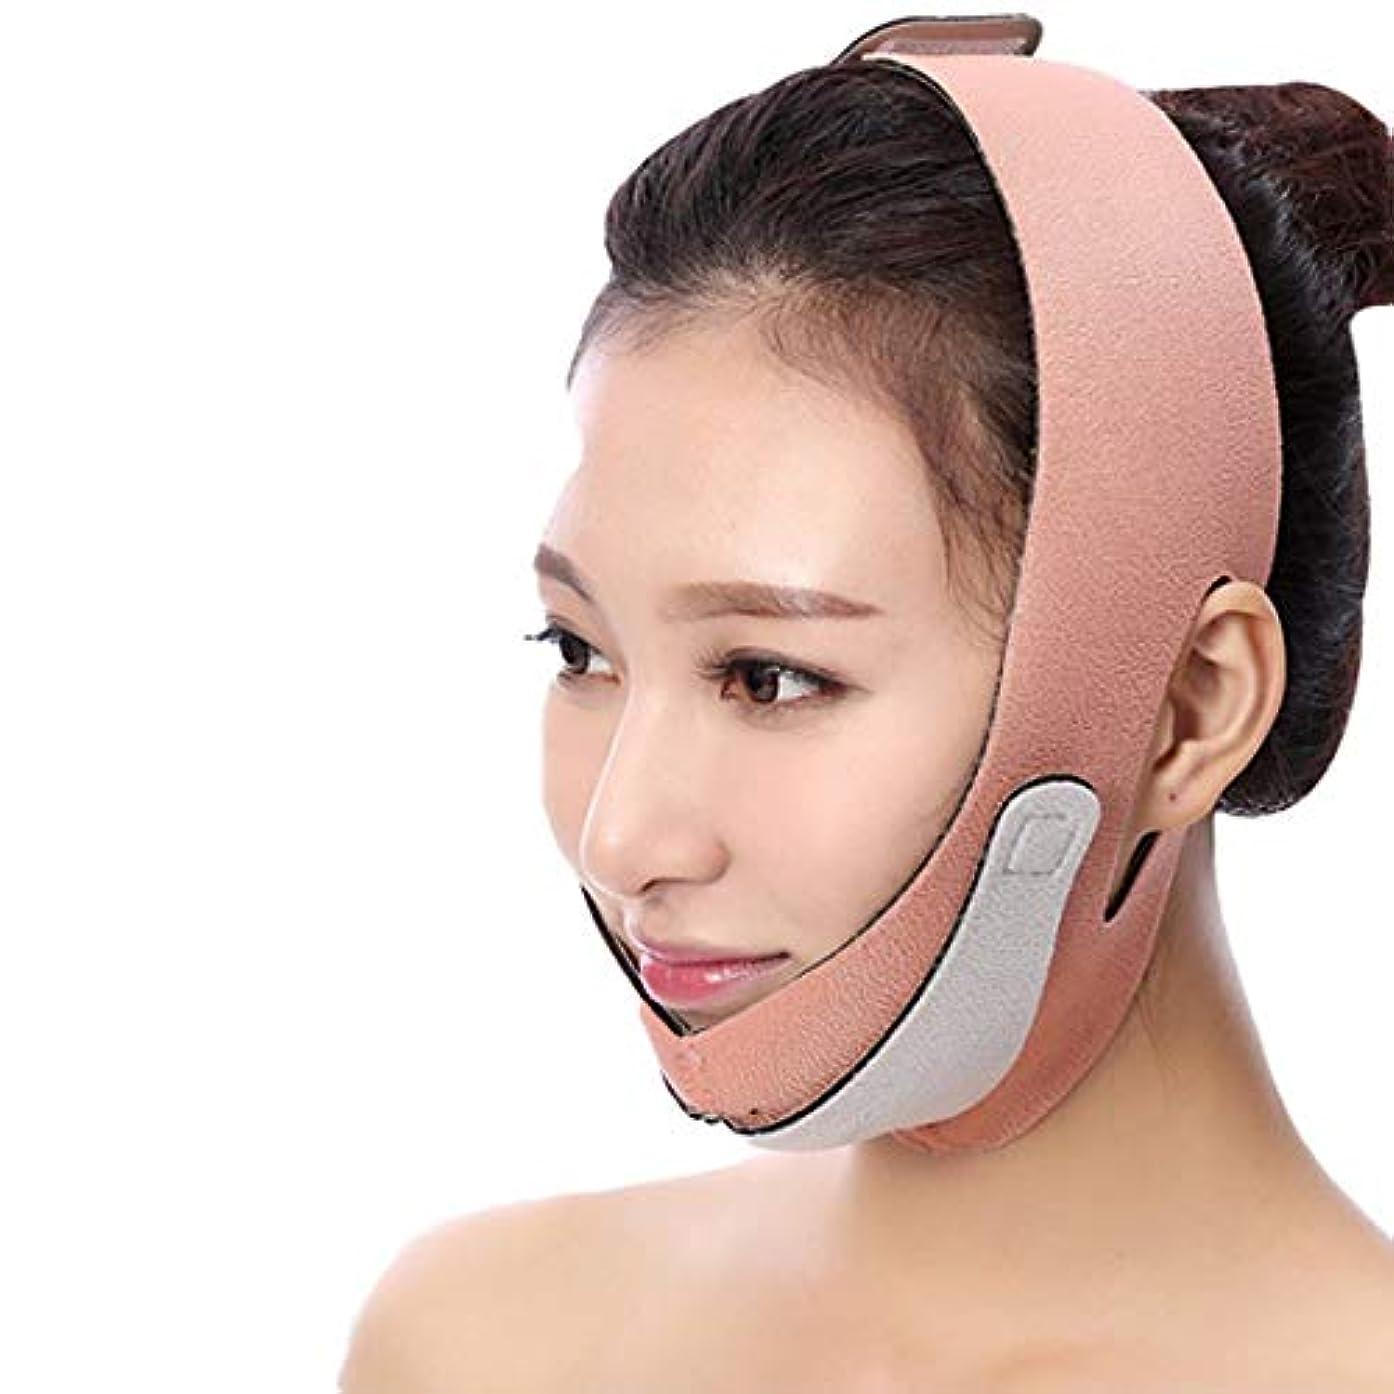 テレマコス教師の日討論ZWBD フェイスマスク, 調節可能なVのラインライン包帯の顔の二重あごの減量の包帯が付いている表面持ち上がる包帯の顔の細くのマスクの持ち上がる表面